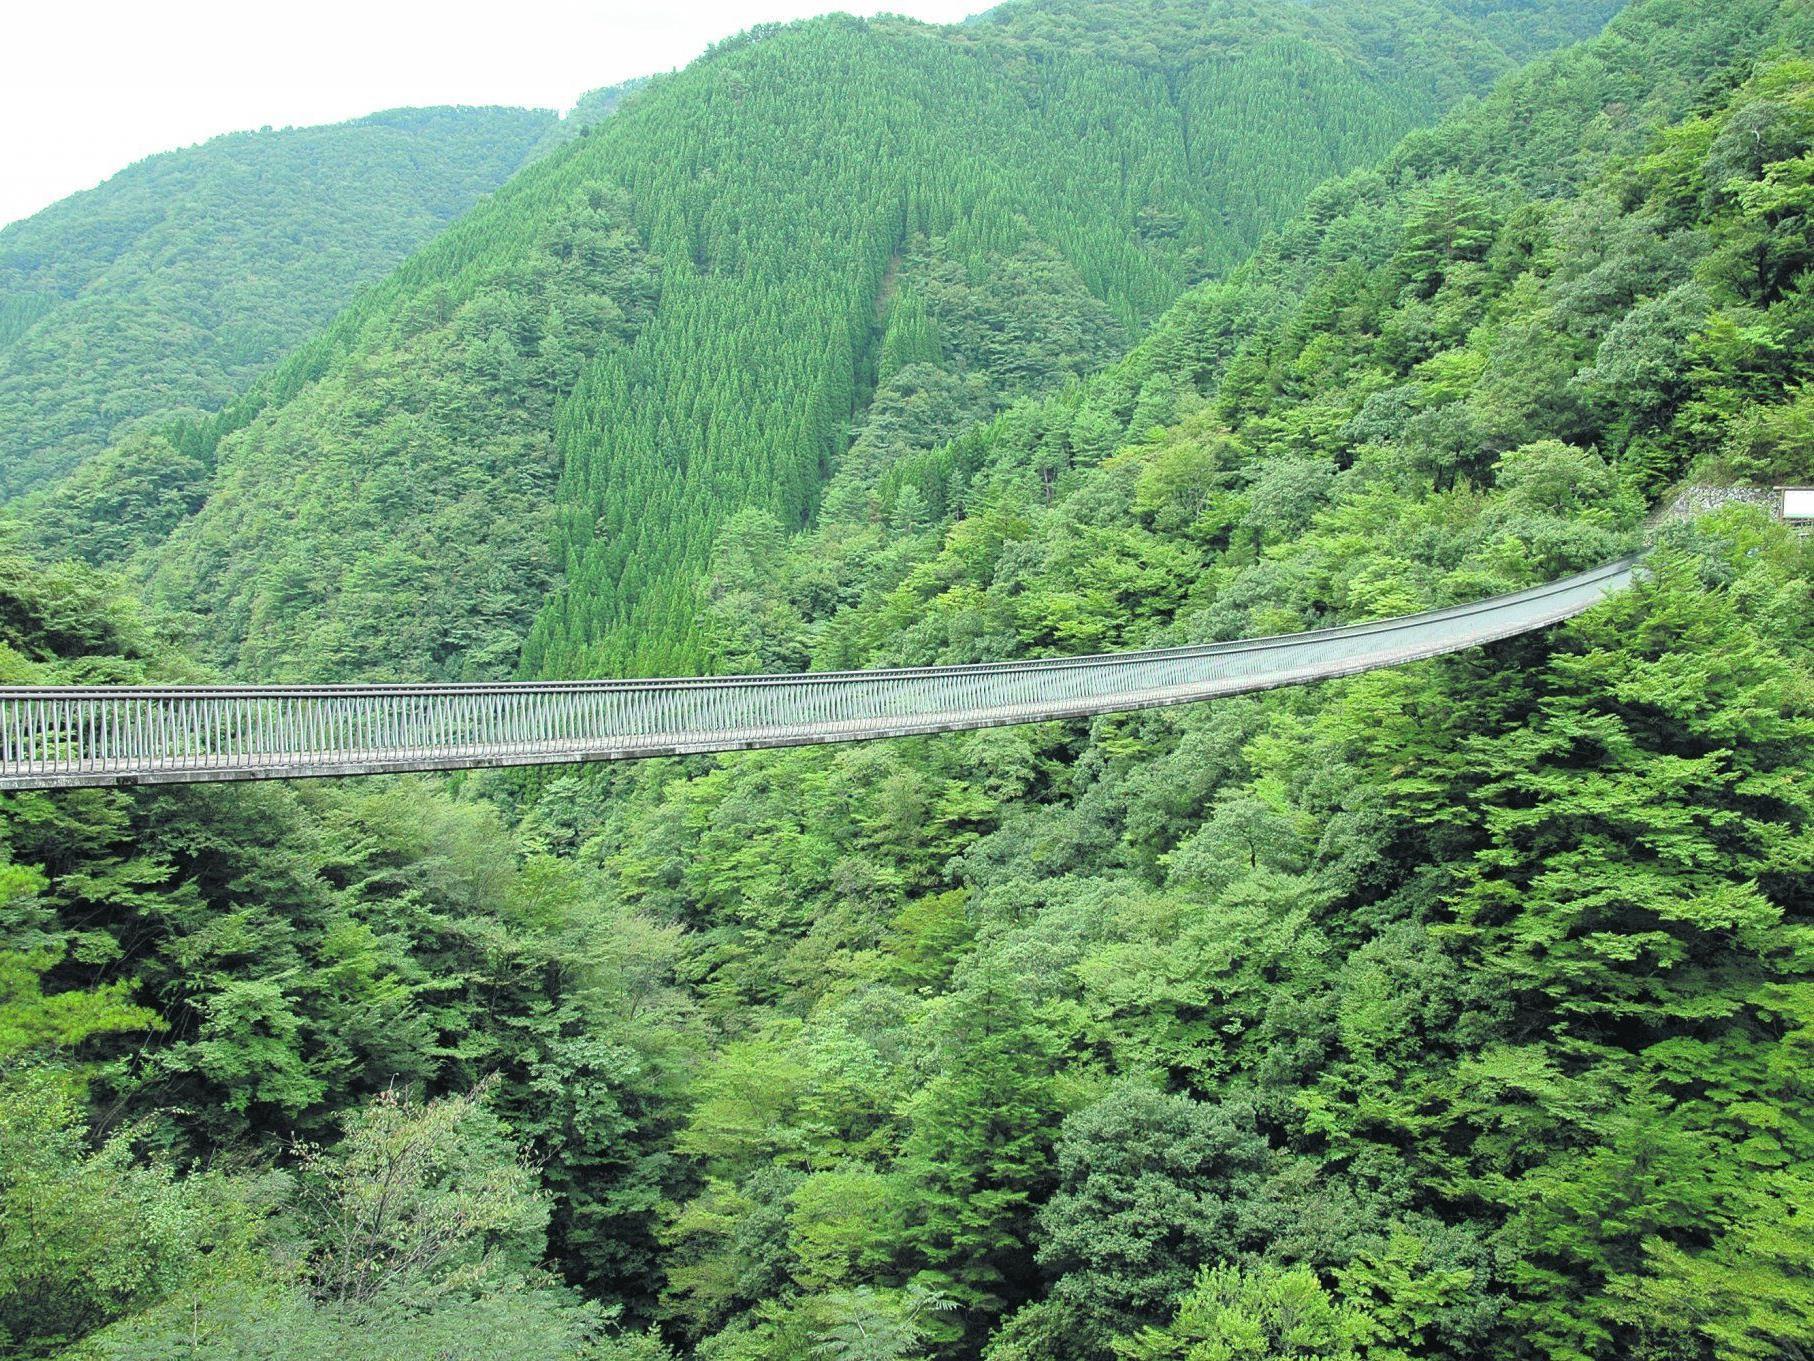 Einst waren Hängebrücken die einzigen Zugangswege zu den Gokanosho-Weilern